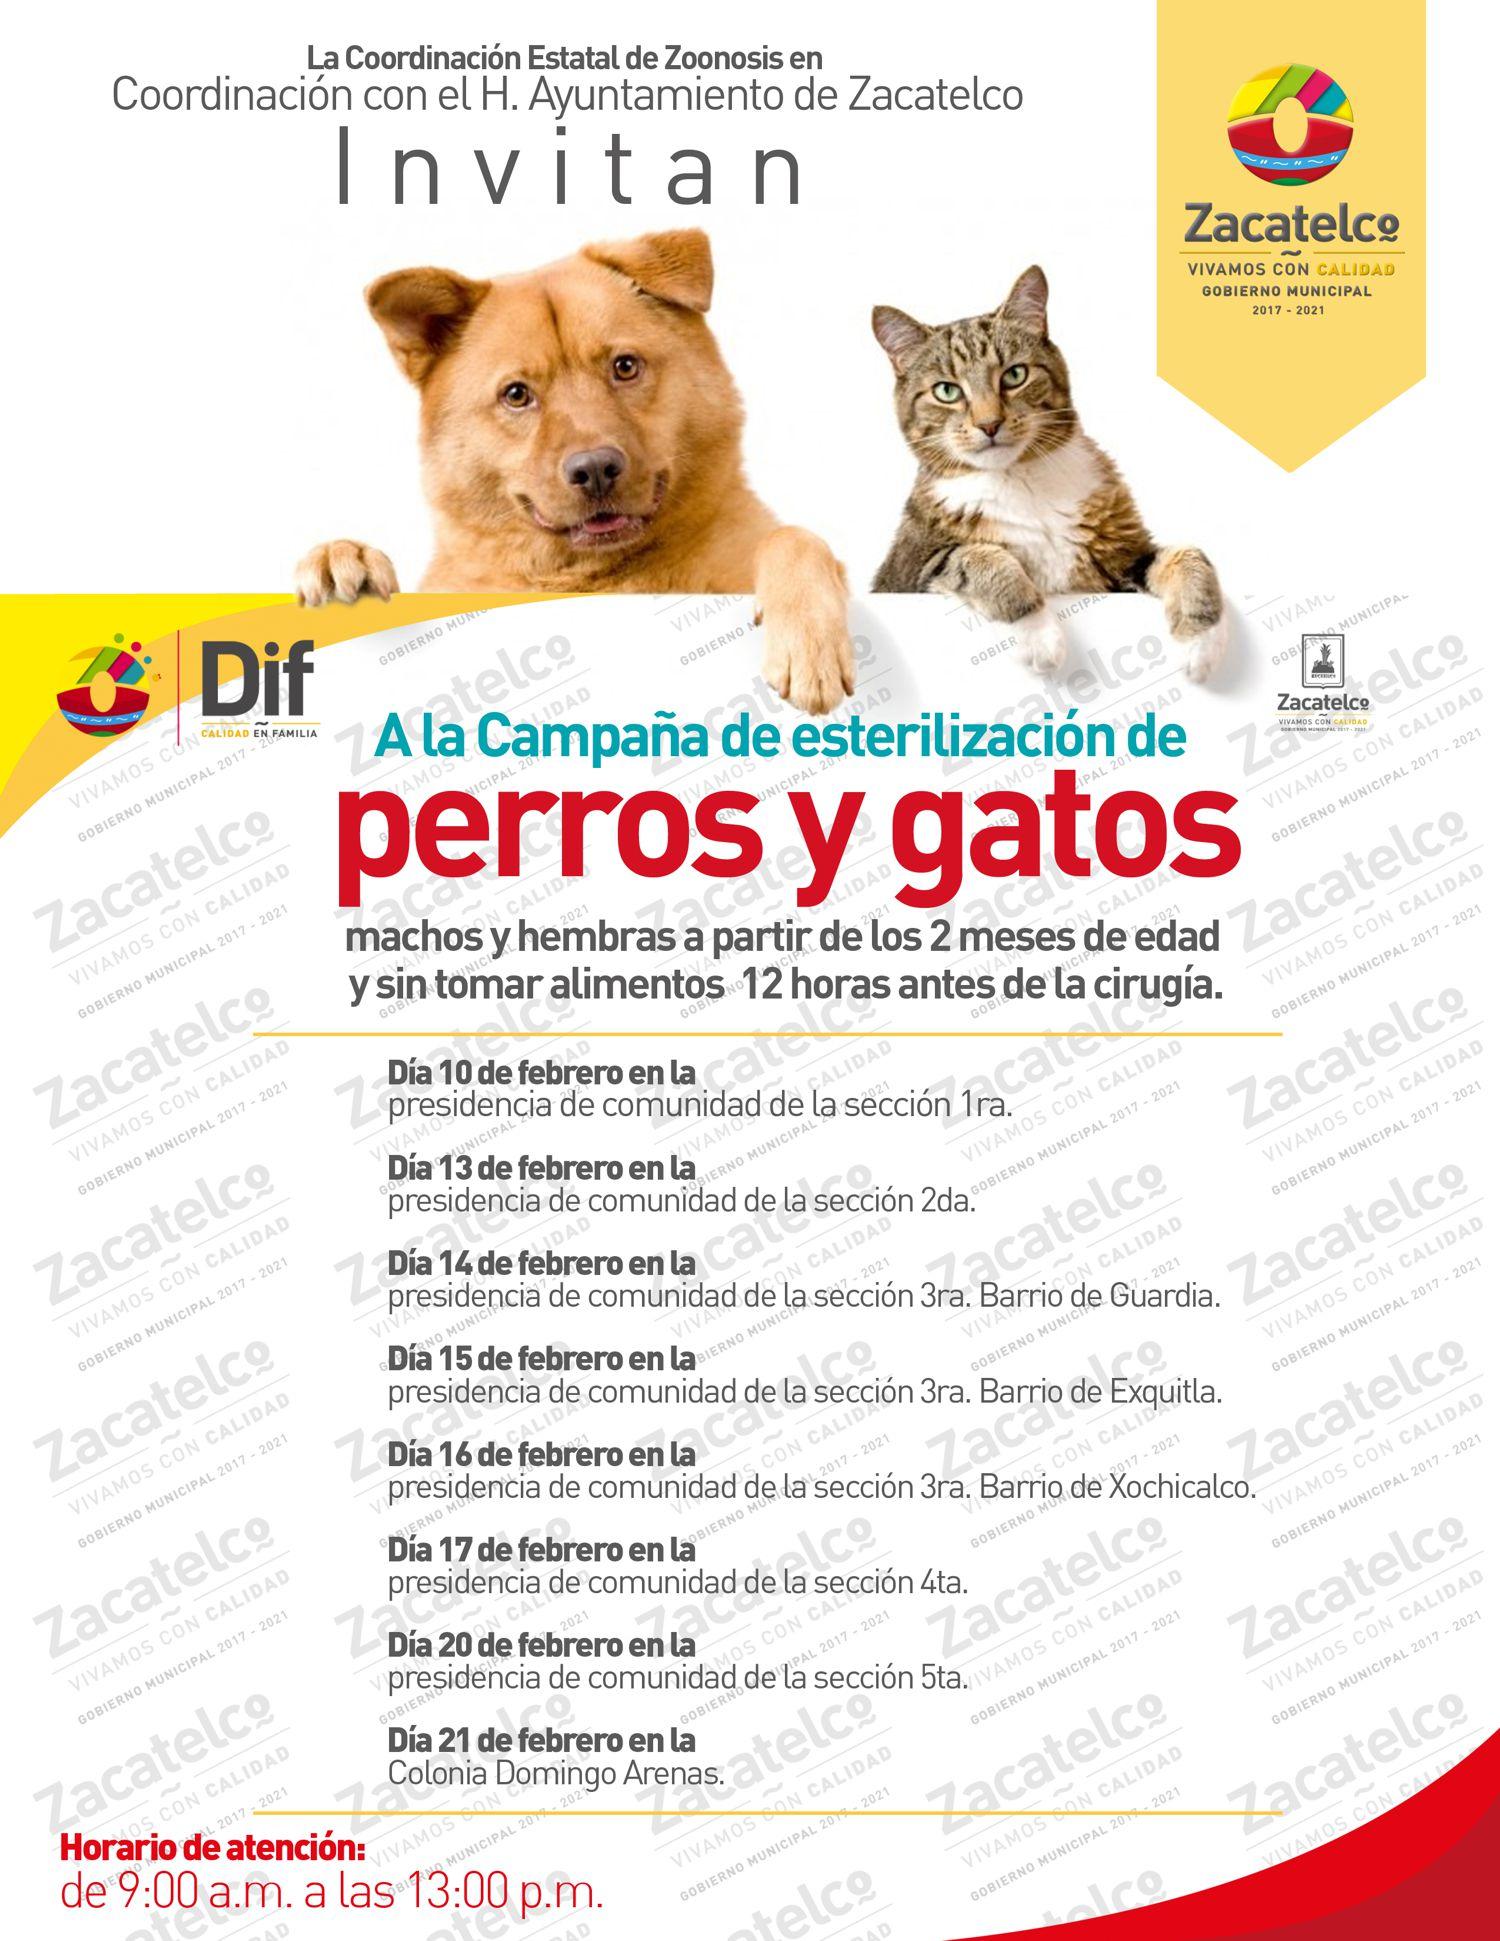 Ayuntamiento frena proliferación de perros y gatos con esterilización